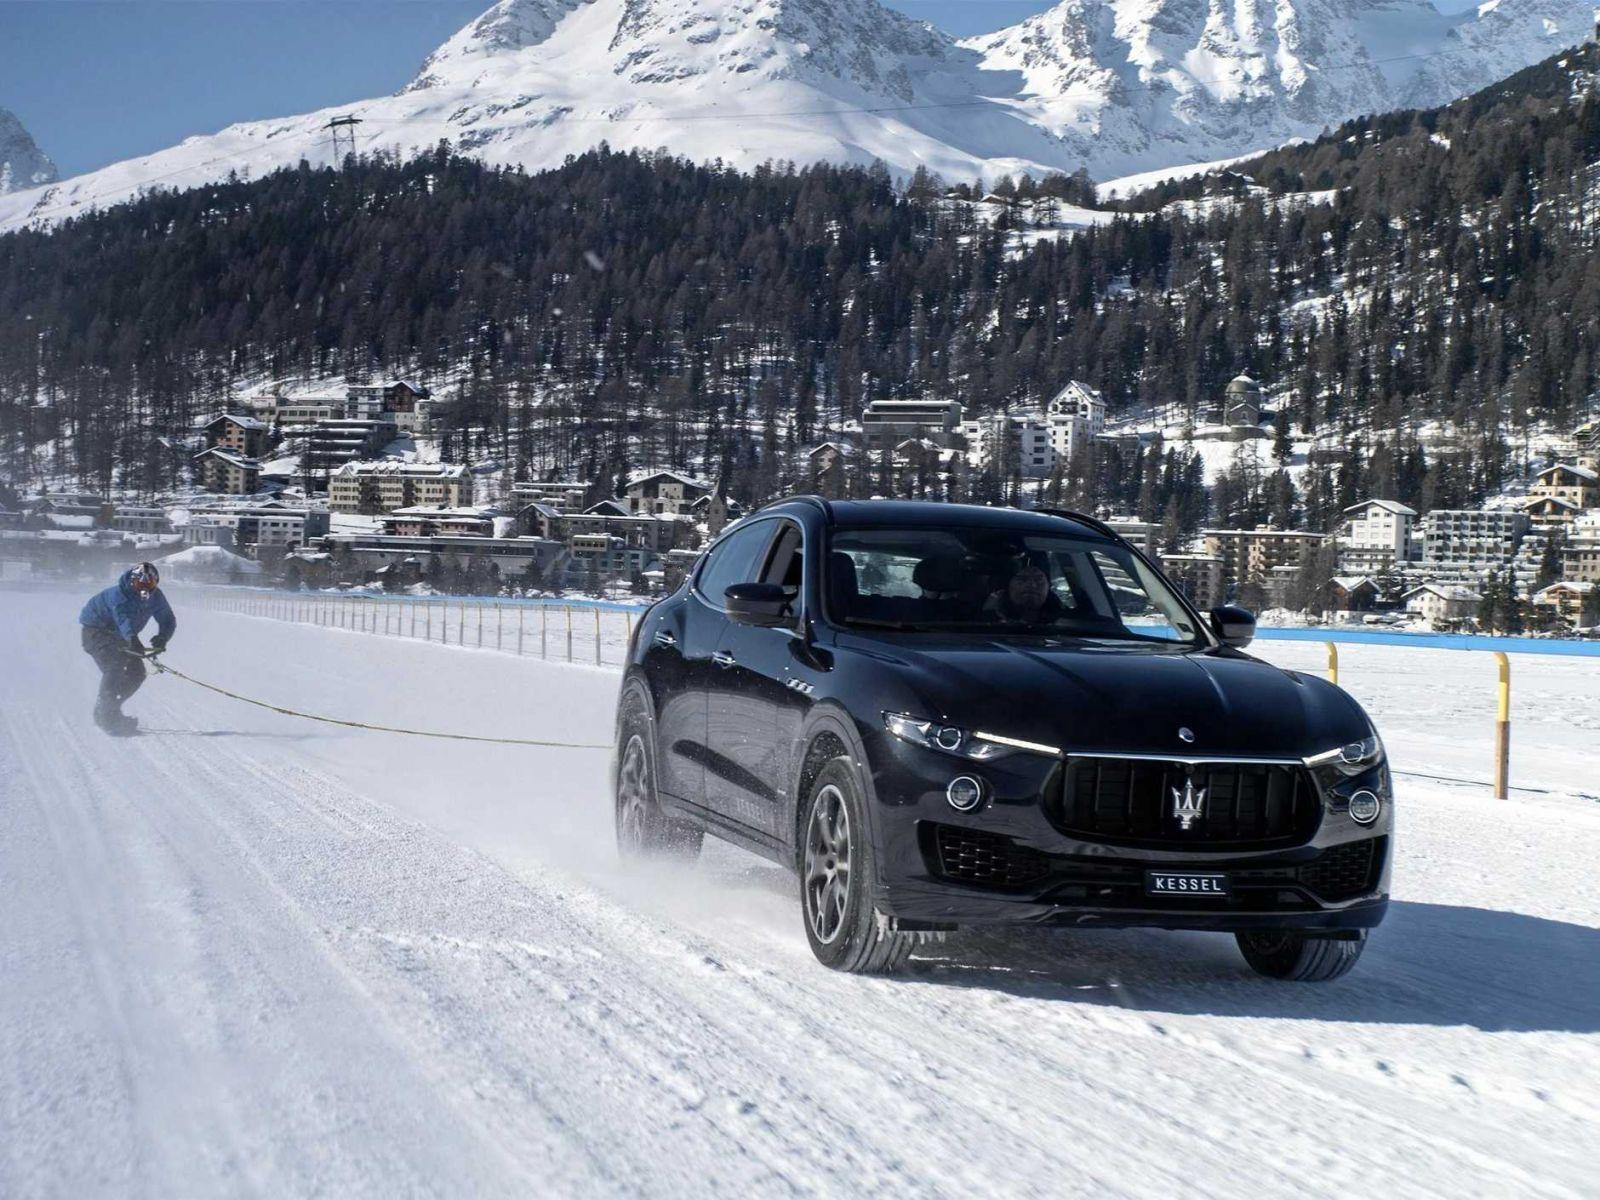 Kỷ lục thế giới của vua trượt tuyết tốc độ 150km/h Nhờ chiếc Maserati Levante